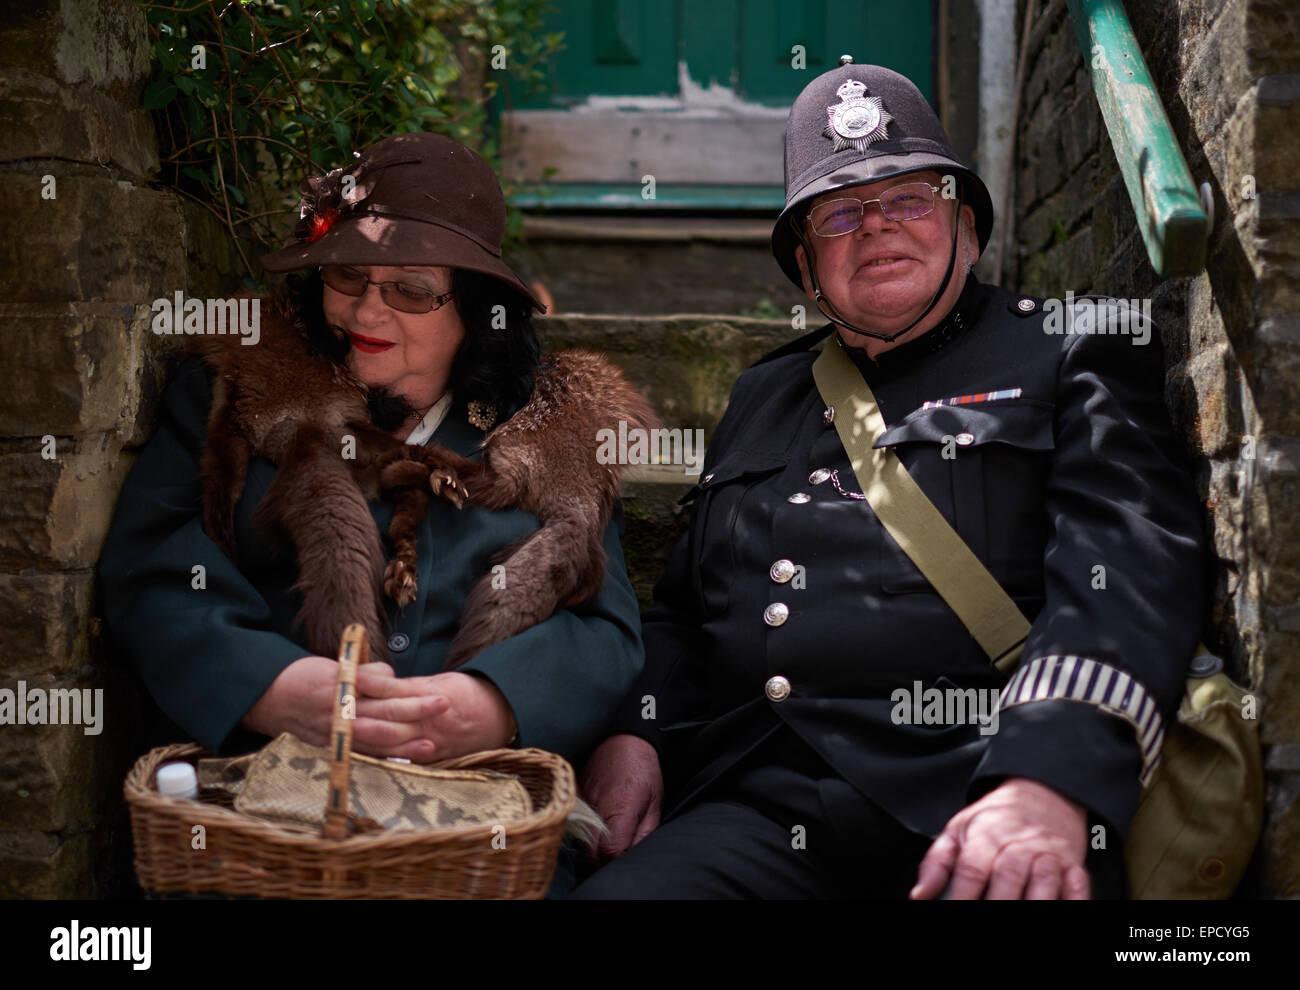 Jolly old policier et femme assis dans un escalier Photo Stock